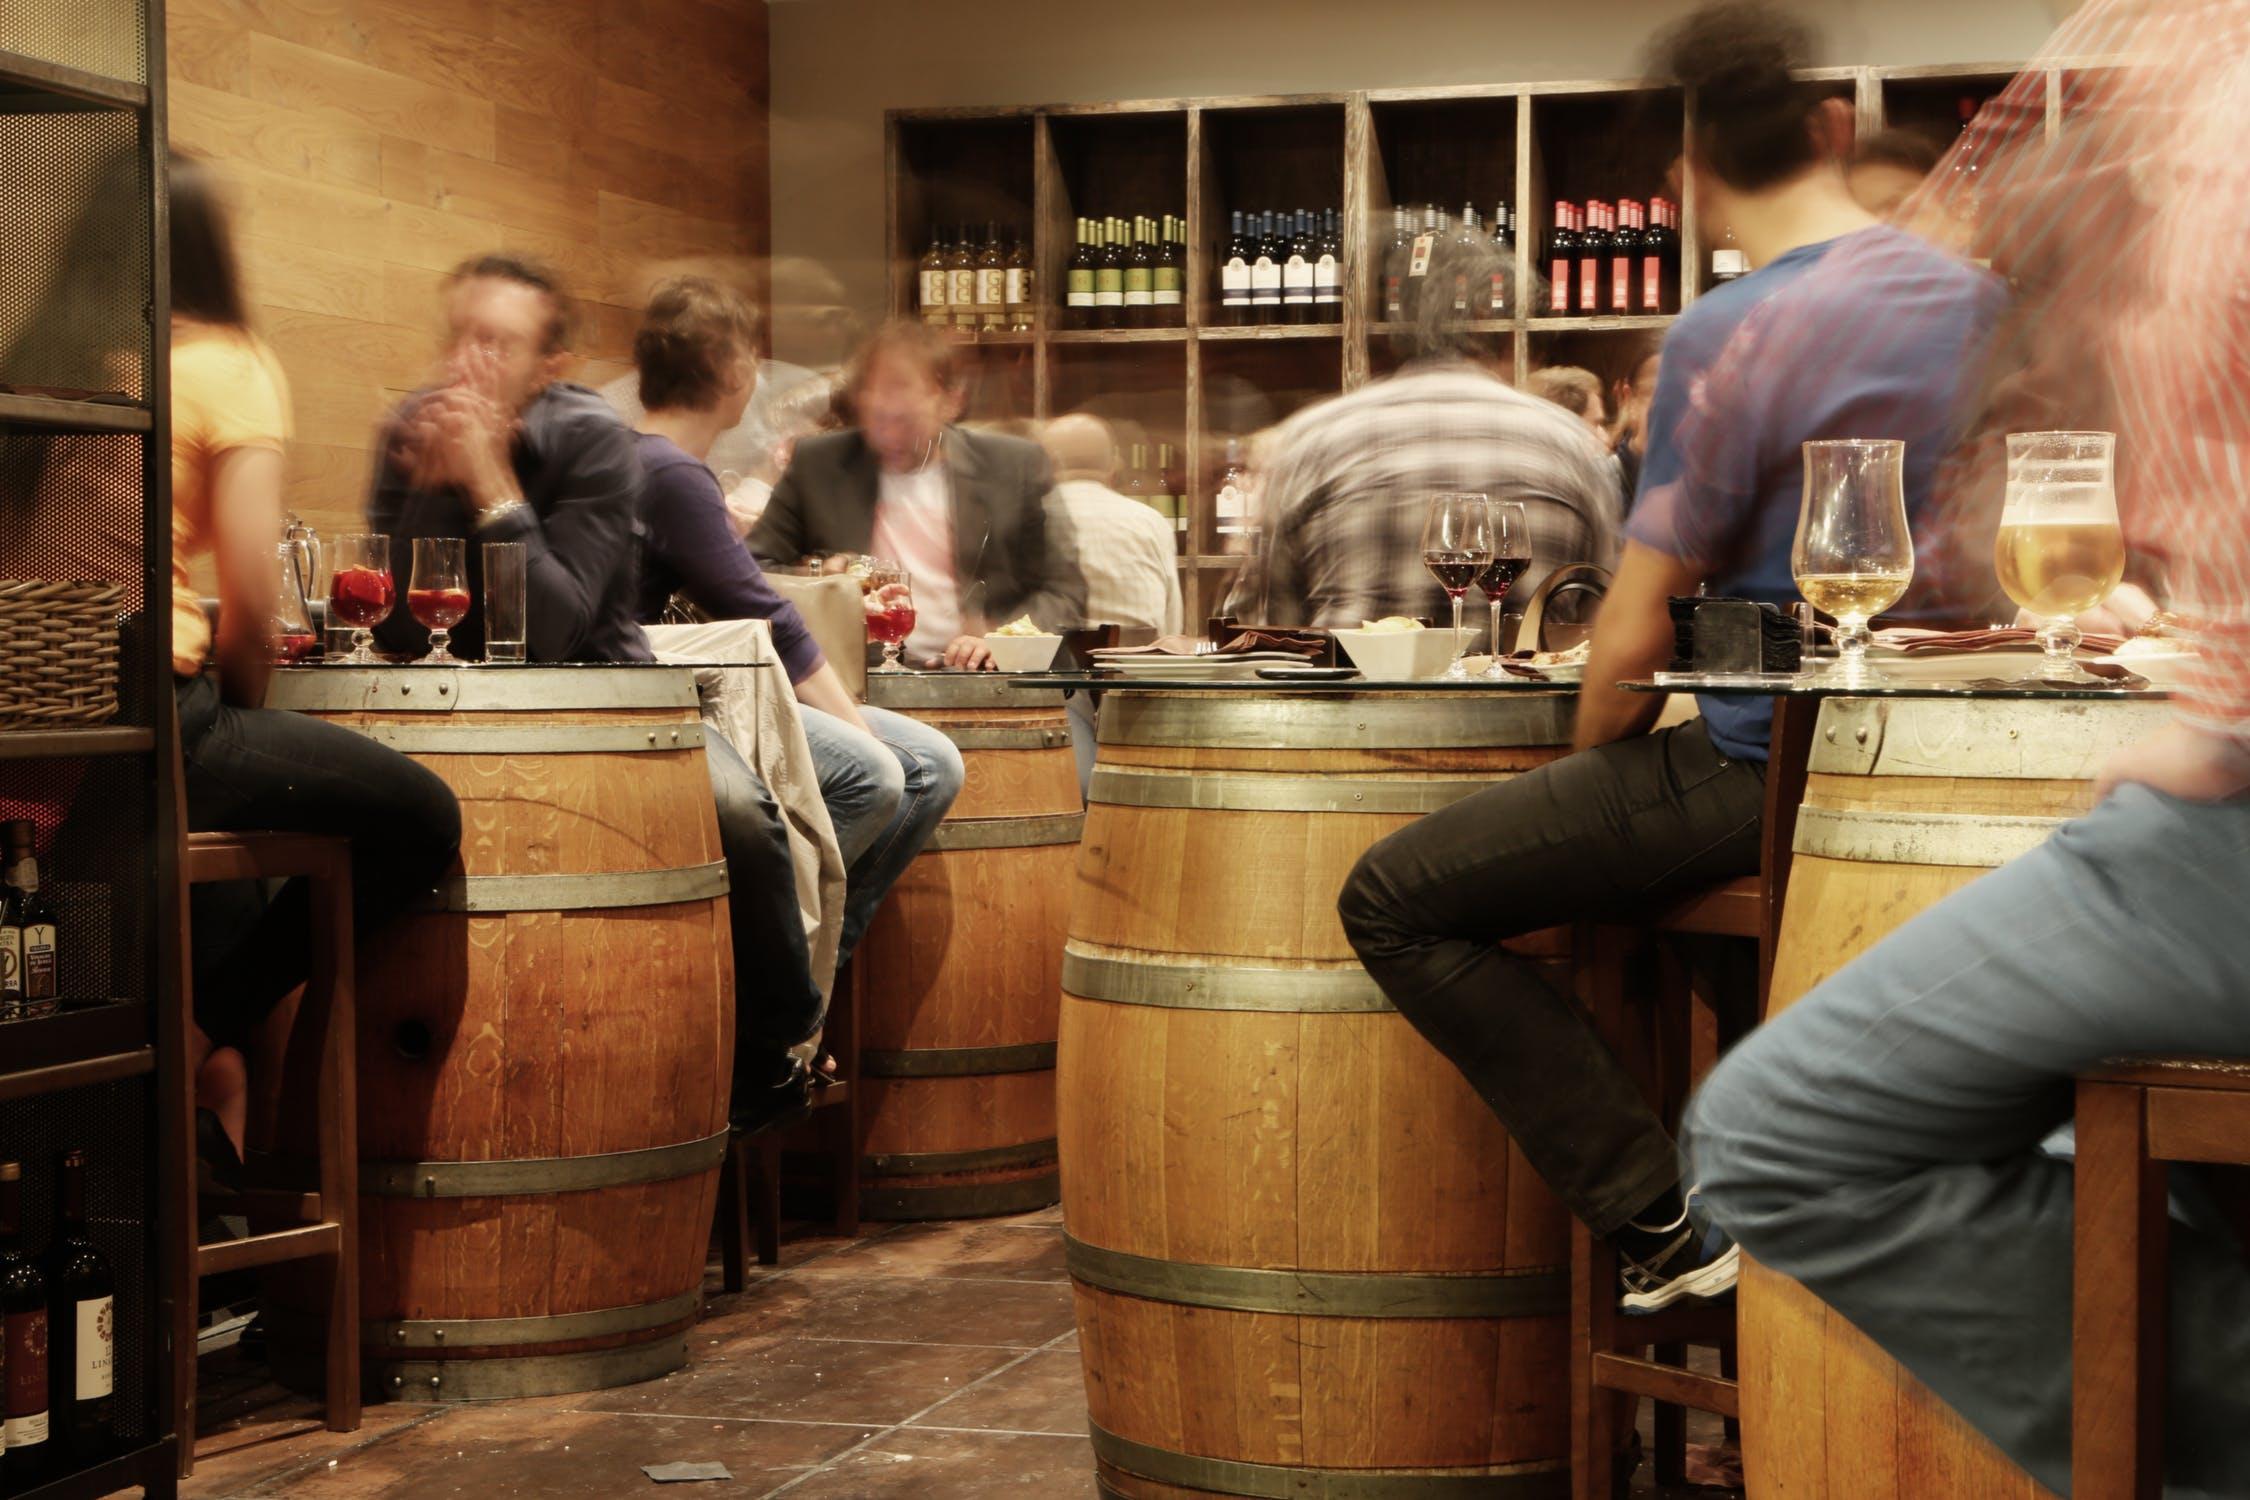 En restaurant hvor folk spiser tapas og drikker vin.